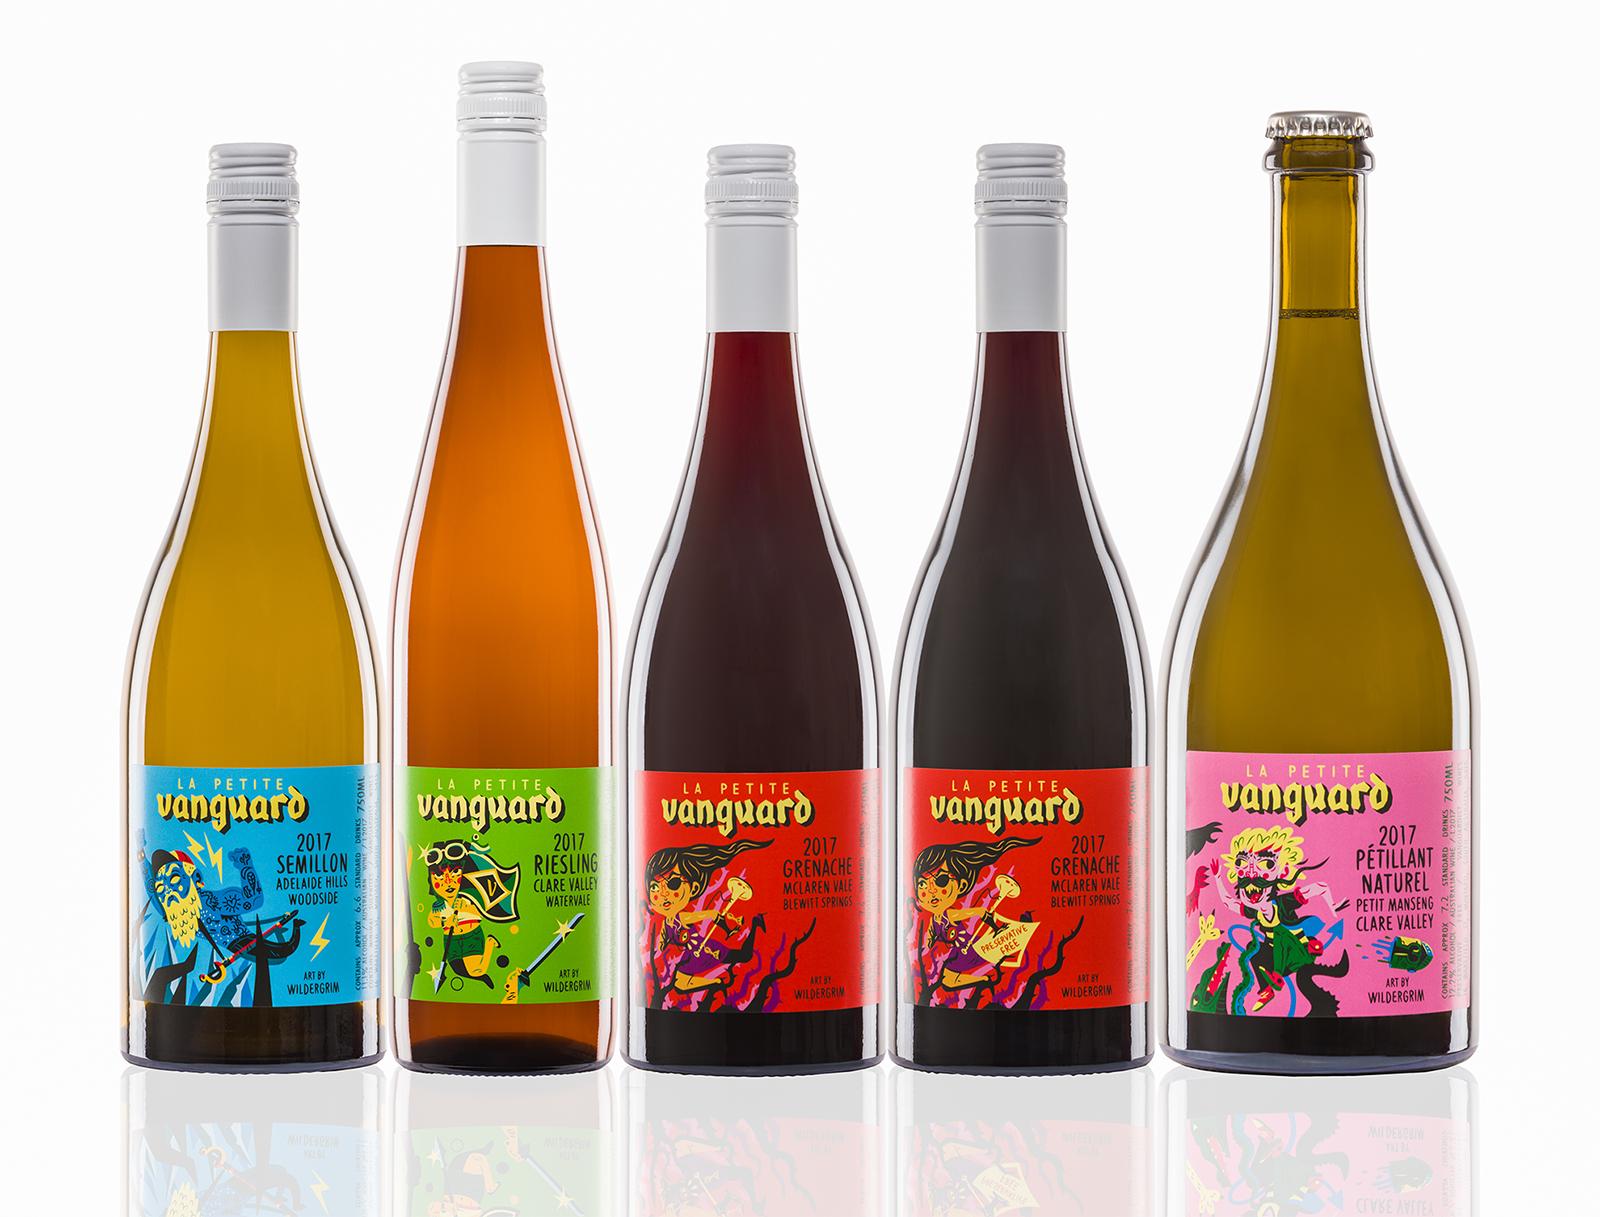 Image courtesy of  Vanguardist Wines